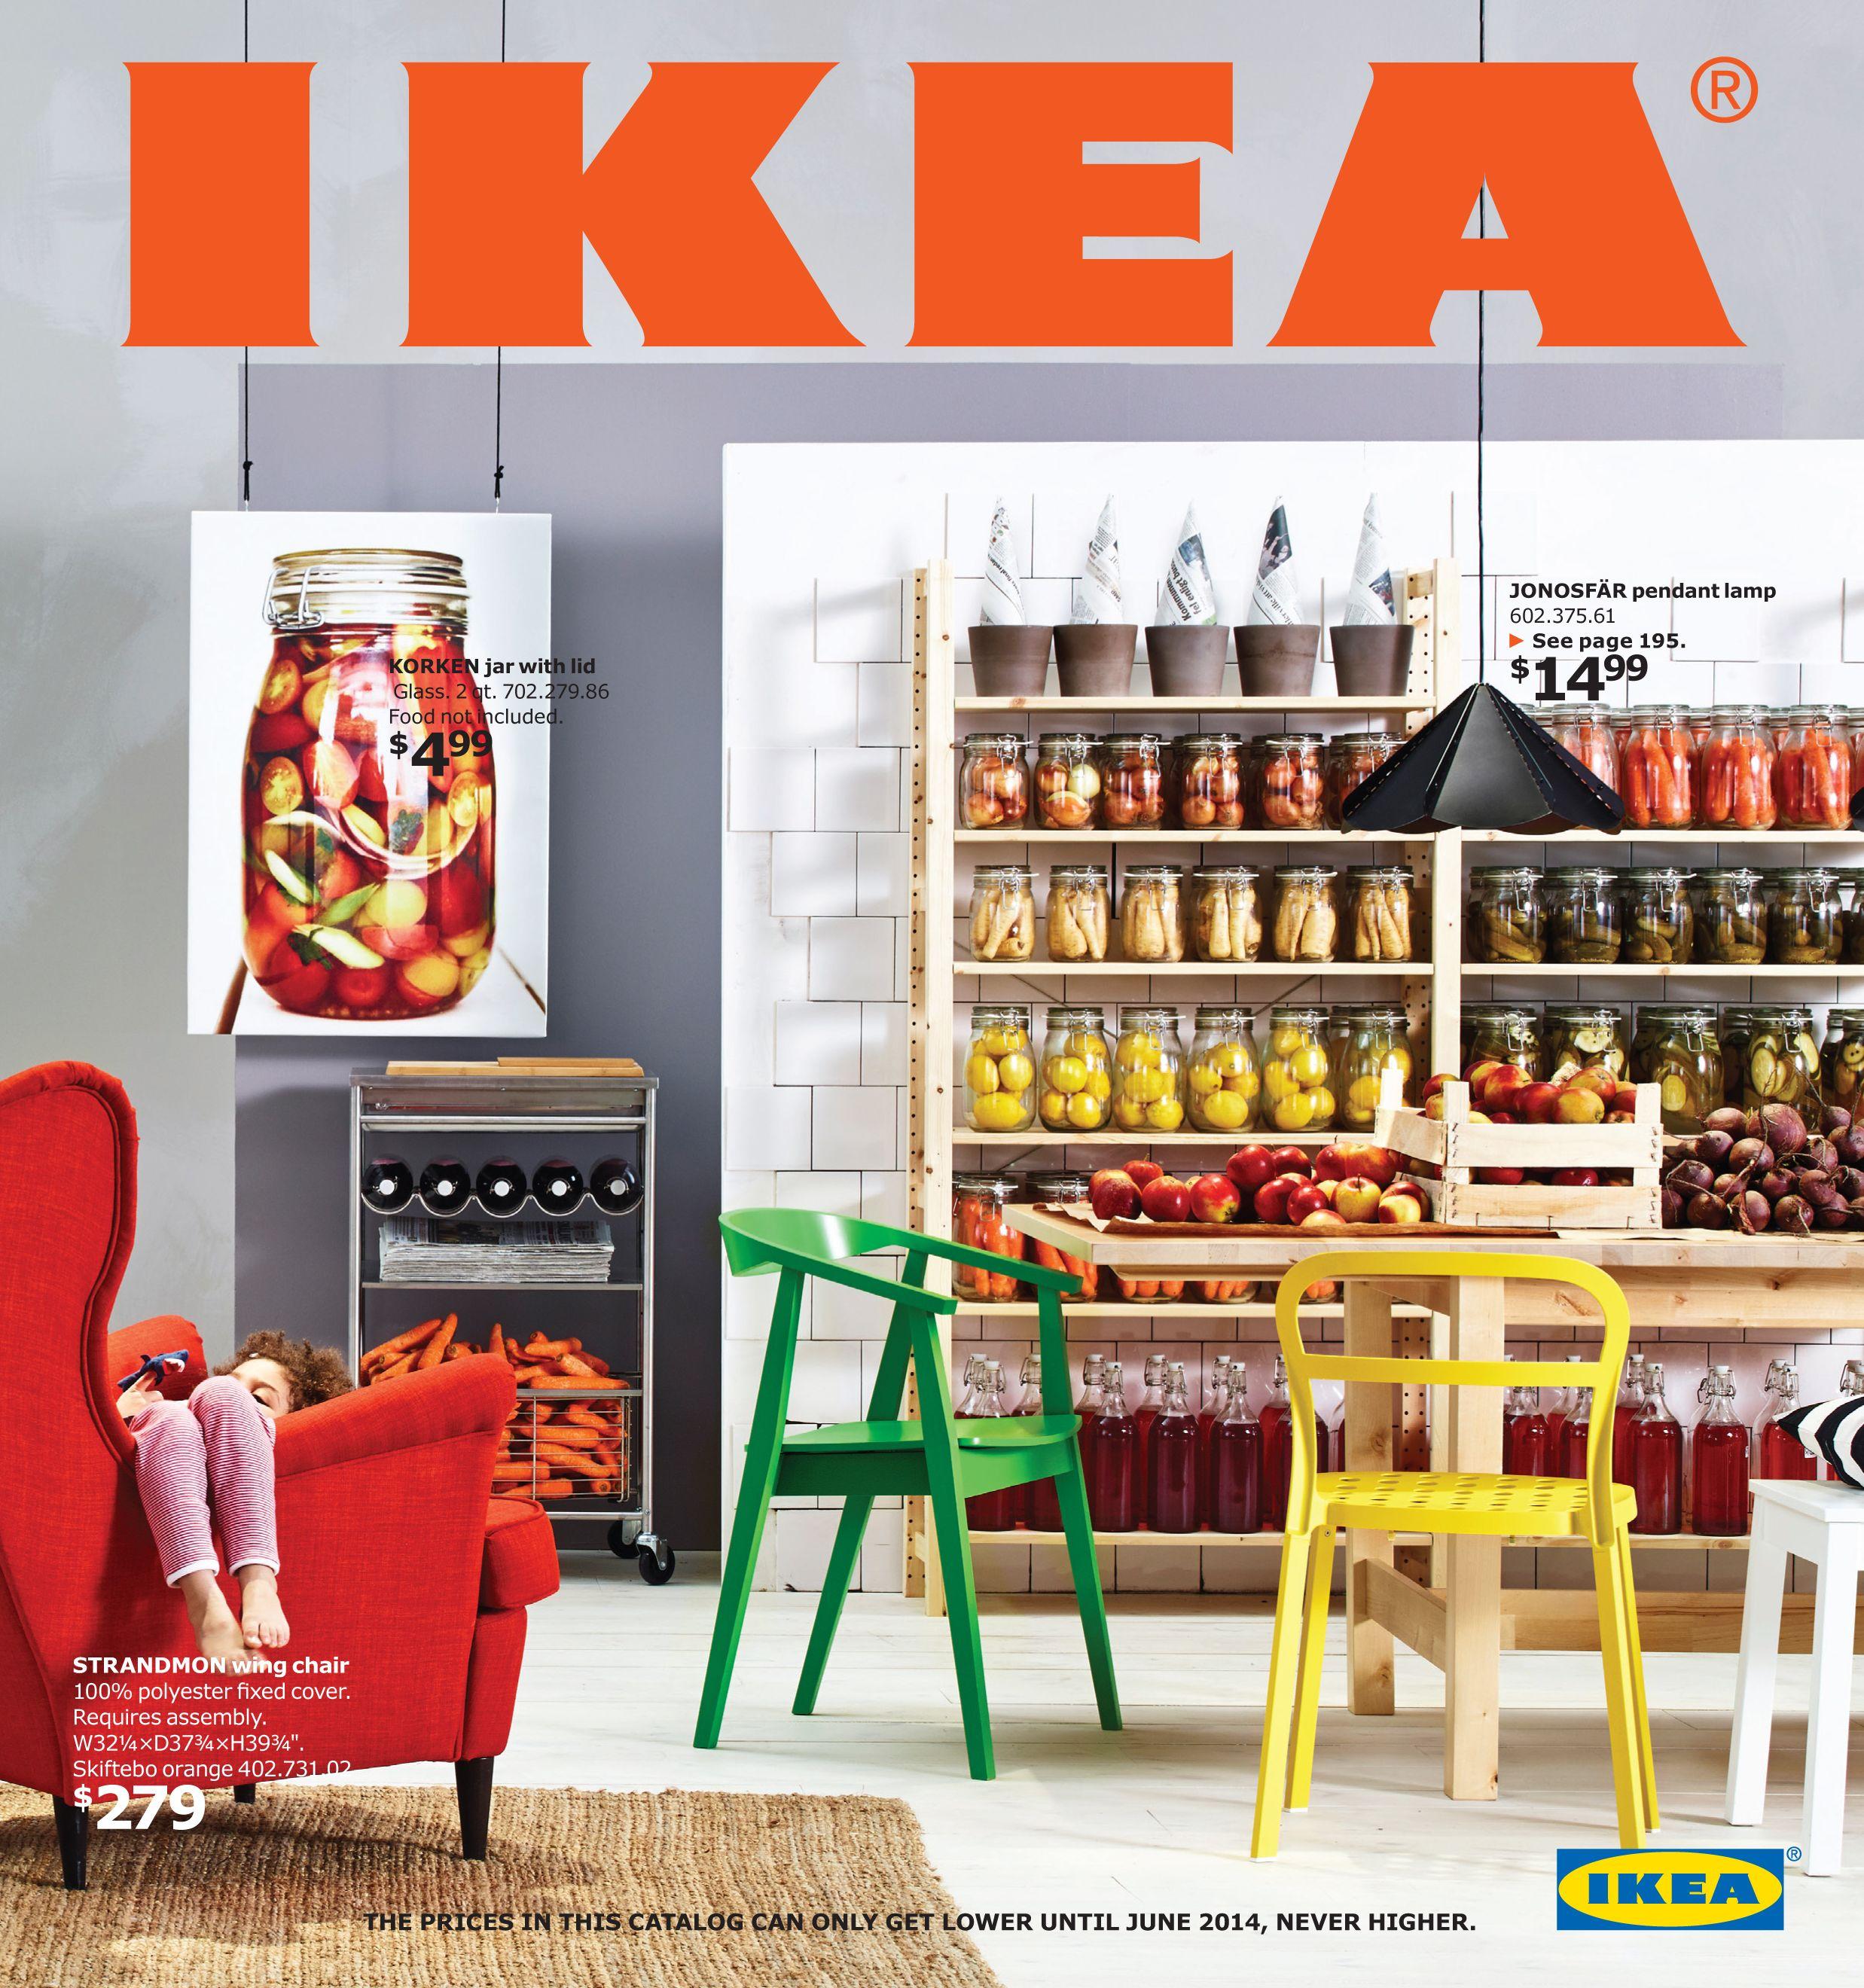 Ikea Catalog Home Design on furniture design, bedroom design, reebok catalog design, pottery barn catalog design, retail catalog design, dining room design, hobby room design, walmart catalog design, kitchen cabinets design,